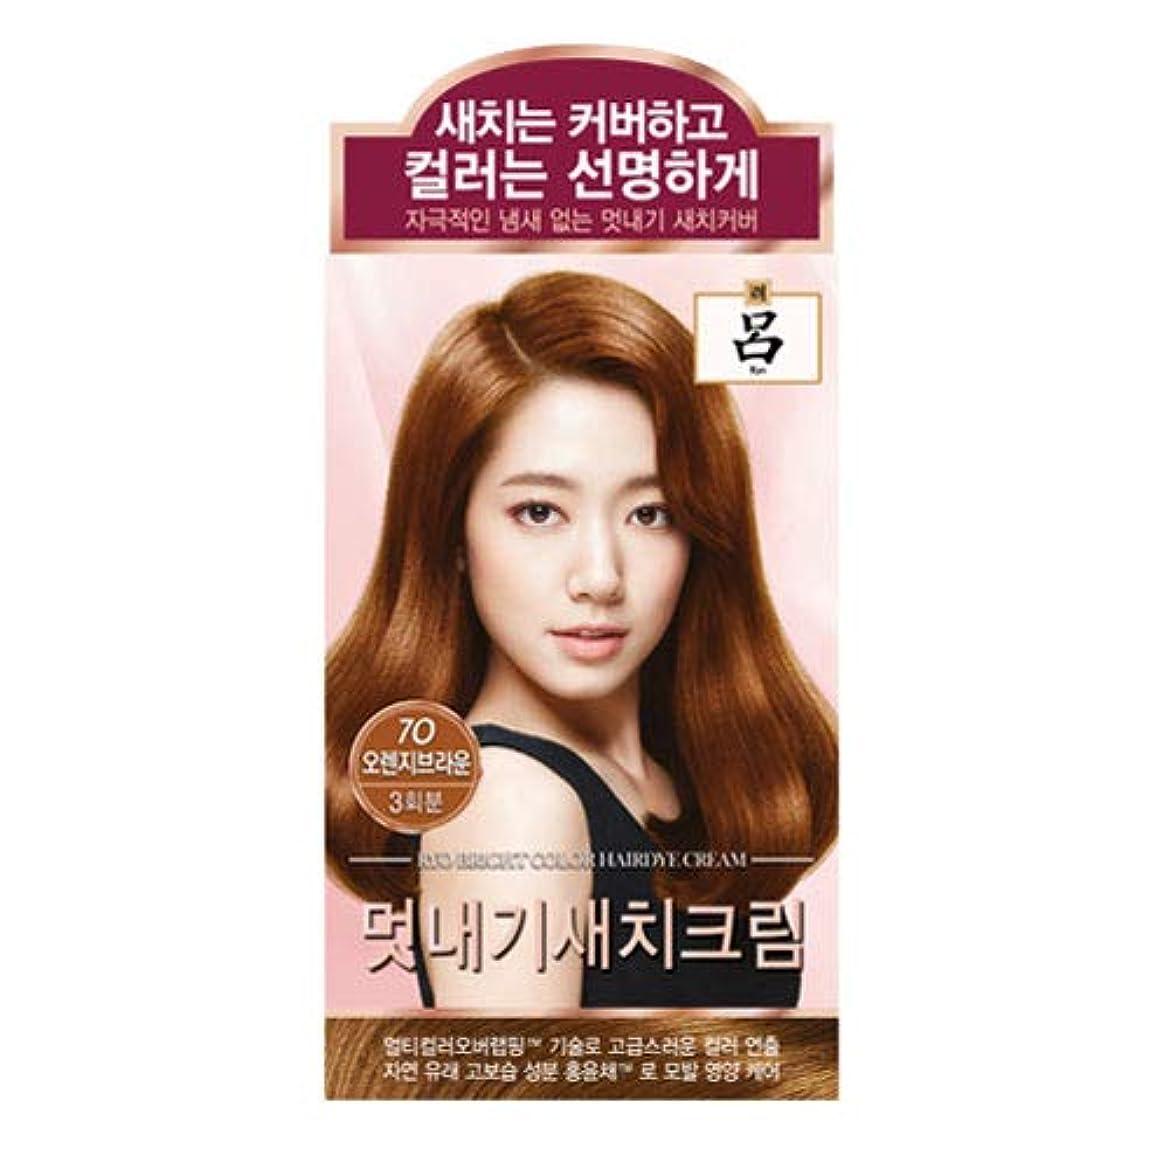 無意味革新アンケートアモーレパシフィック呂[AMOREPACIFIC/Ryo] ブライトカラーヘアアイクリーム 7O オレンジブラウン/Bright Color Hairdye Cream 7O Orange Brown